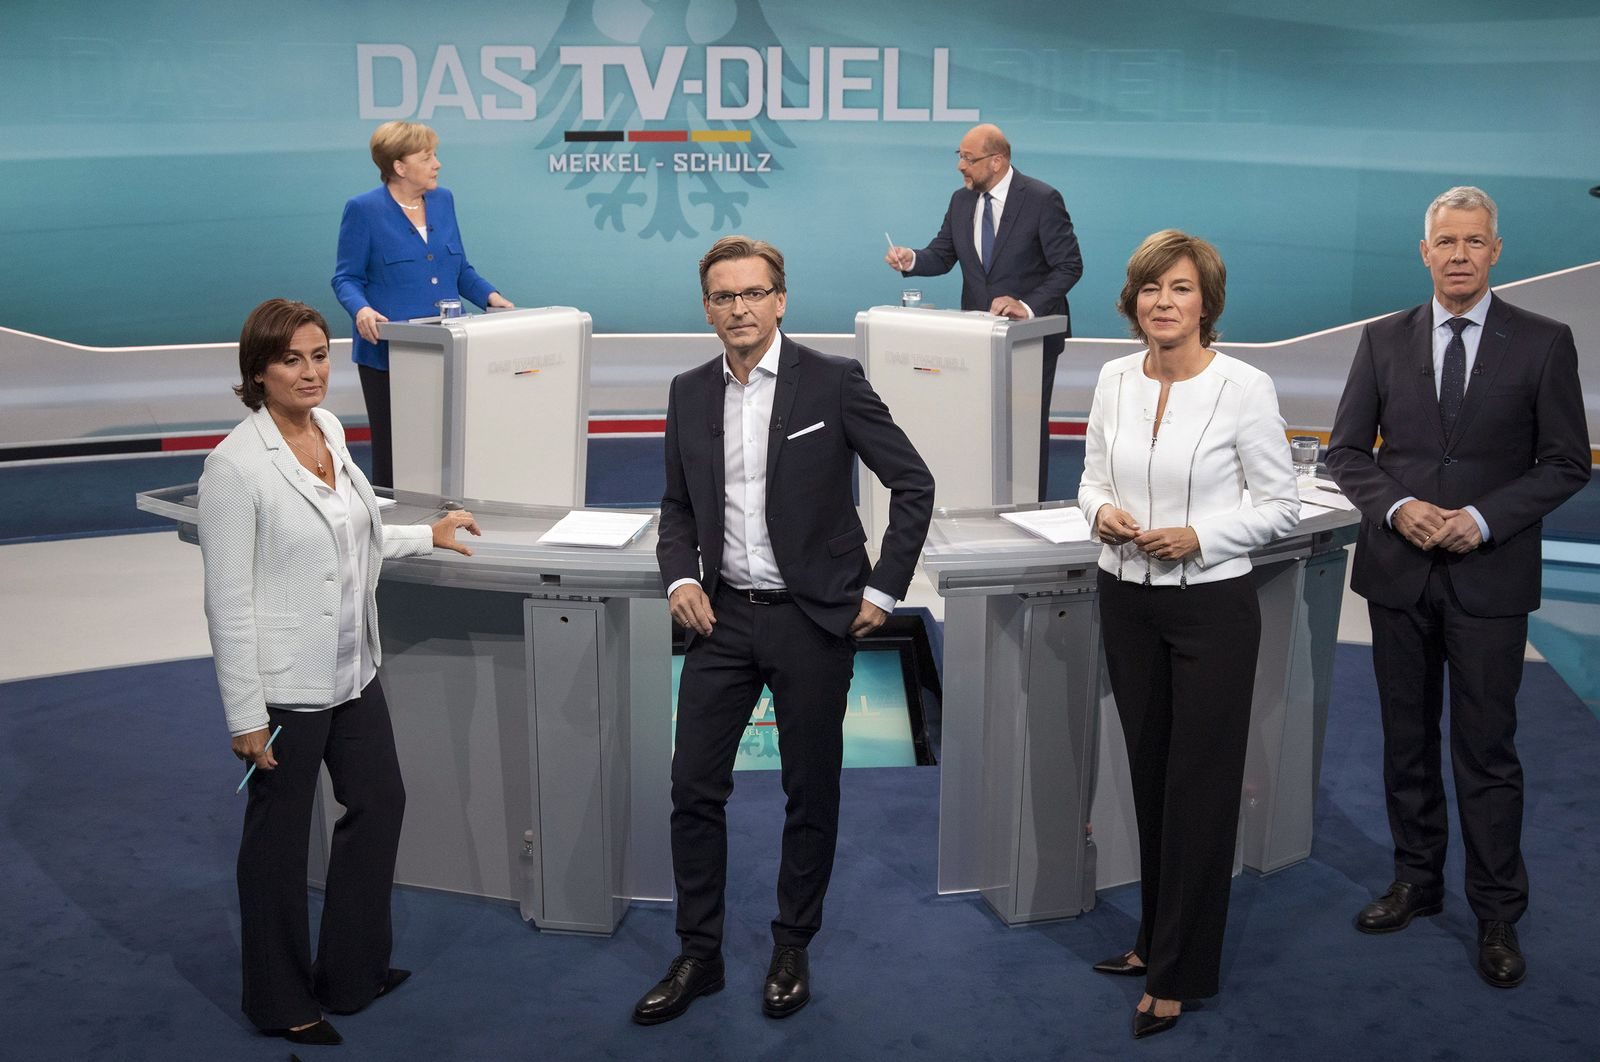 TV-Duell / Claus Strunz